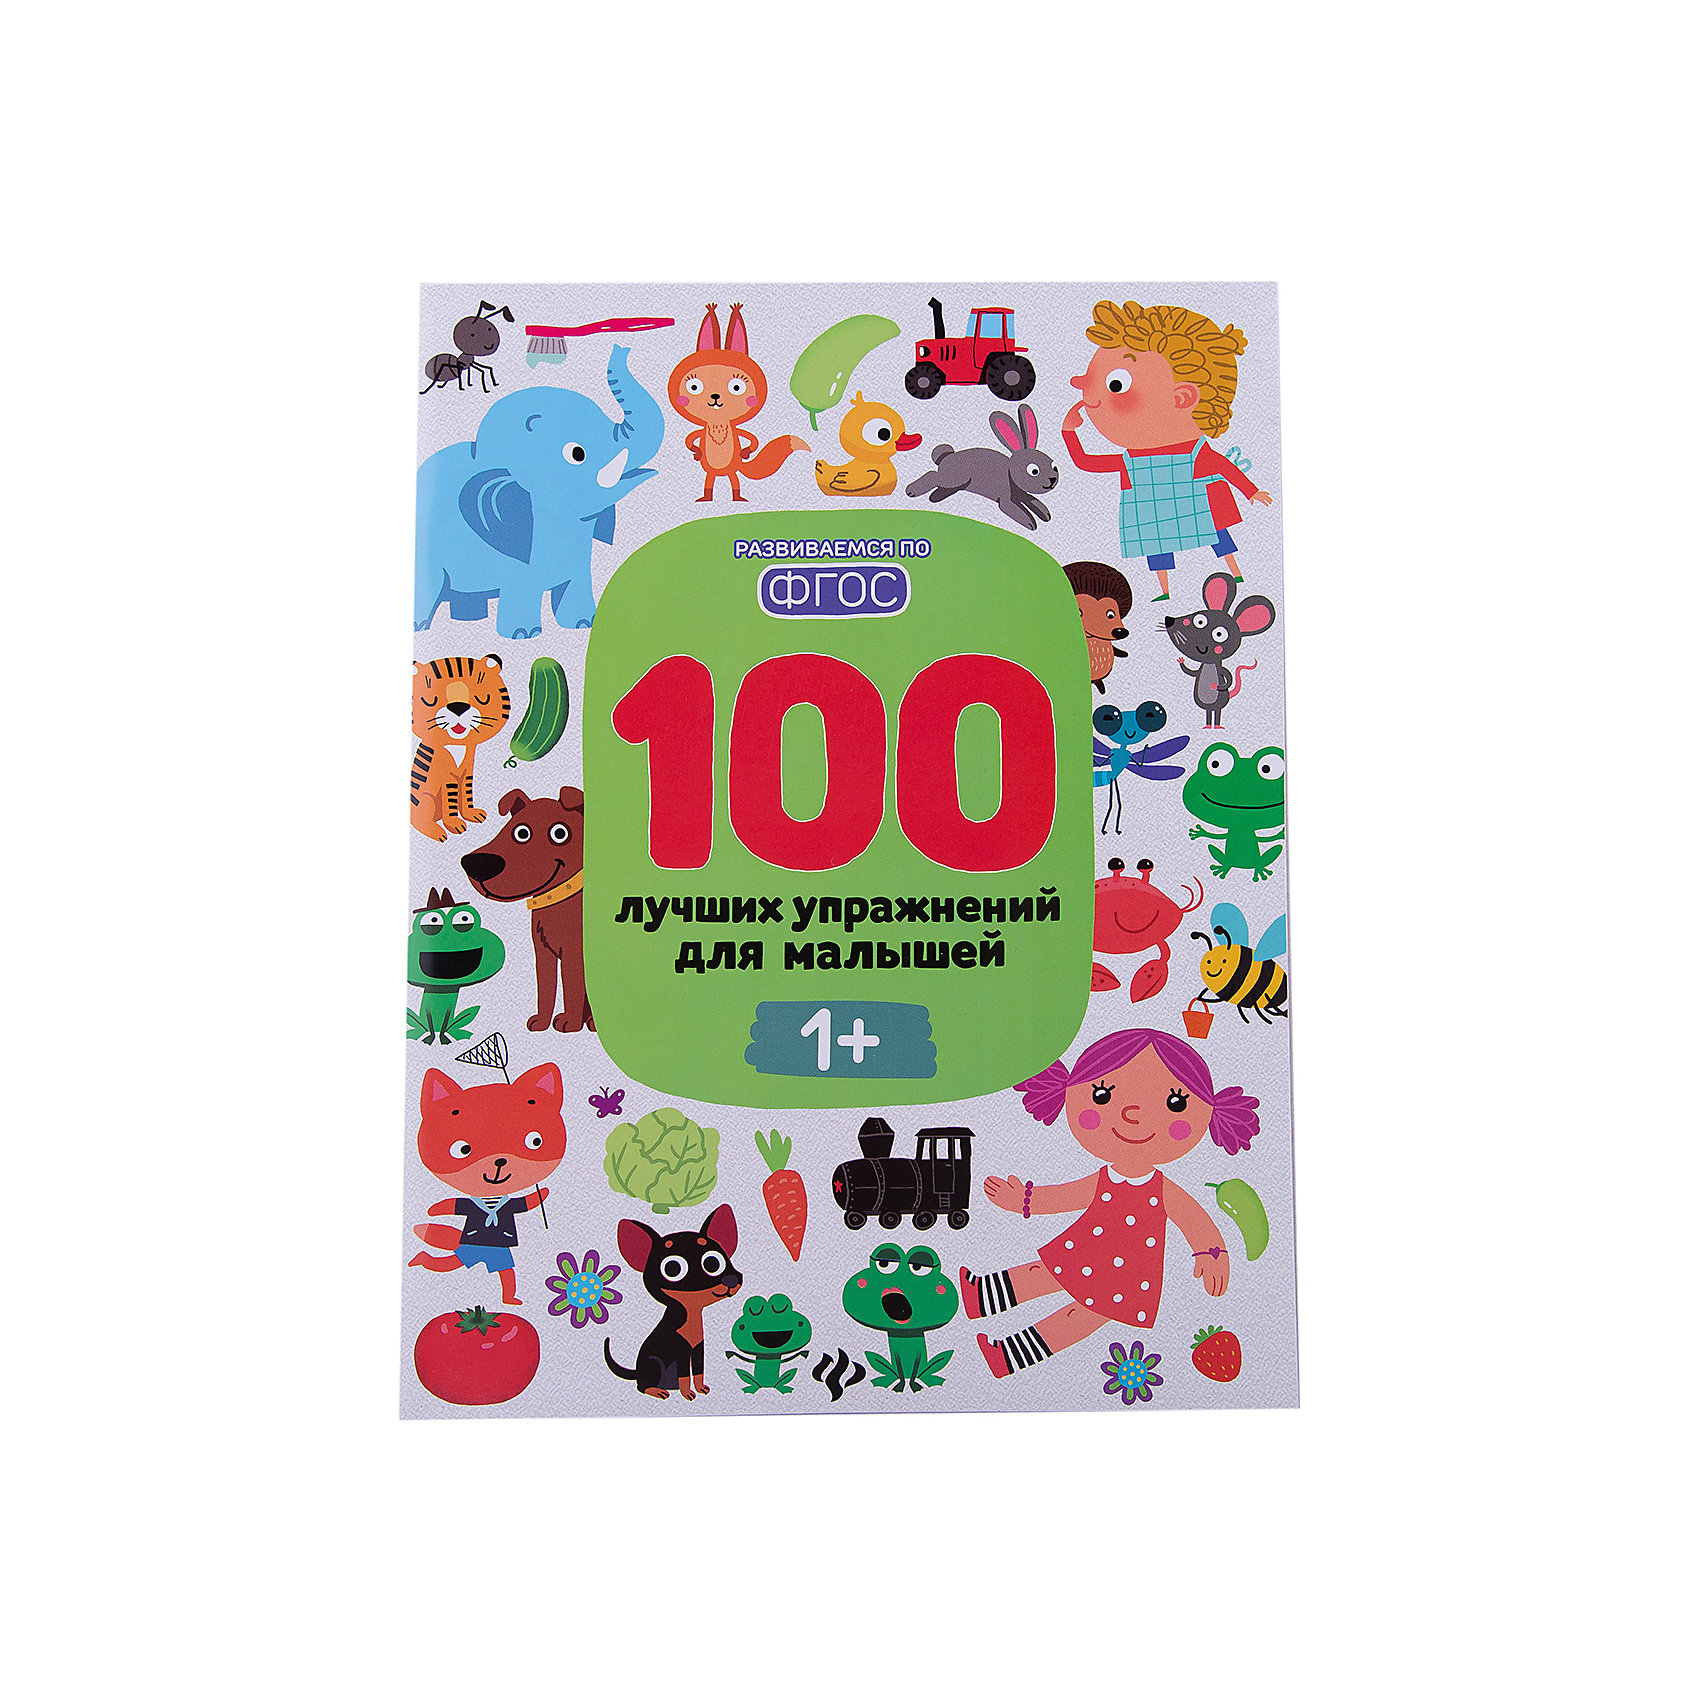 Книга 100 лучших упражнений для малышей, от 1 годаКнига 100 лучших упражнений для малышей, от 1 года<br><br>Характеристики: <br><br>• Кол-во страниц: 64<br>• ISBN: 9785222271629<br>• Возраст: от 1 года<br>• Обложка: мягкая<br>• Формат: а4<br><br>В этой замечательной книге содержатся самые разнообразные веселые игры и задания, для развития вашего малыша! Все задания подобраны последовательно и дополняют друг друга, чтобы обеспечить комплексный подход к развитию вашего ребенка. В создании книги принимали участие опытные специалисты в области психологии, педагогики, логопедии и нейропсихологии. Всего в книге 100 заданий, которые вы сможете сделать вместе с малышом, помогая ему в развитии его познавательной активности.<br><br>Книга 100 лучших упражнений для малышей, от 1 года можно купить в нашем интернет-магазине.<br><br>Ширина мм: 260<br>Глубина мм: 202<br>Высота мм: 40<br>Вес г: 154<br>Возраст от месяцев: -2147483648<br>Возраст до месяцев: 2147483647<br>Пол: Унисекс<br>Возраст: Детский<br>SKU: 5464474